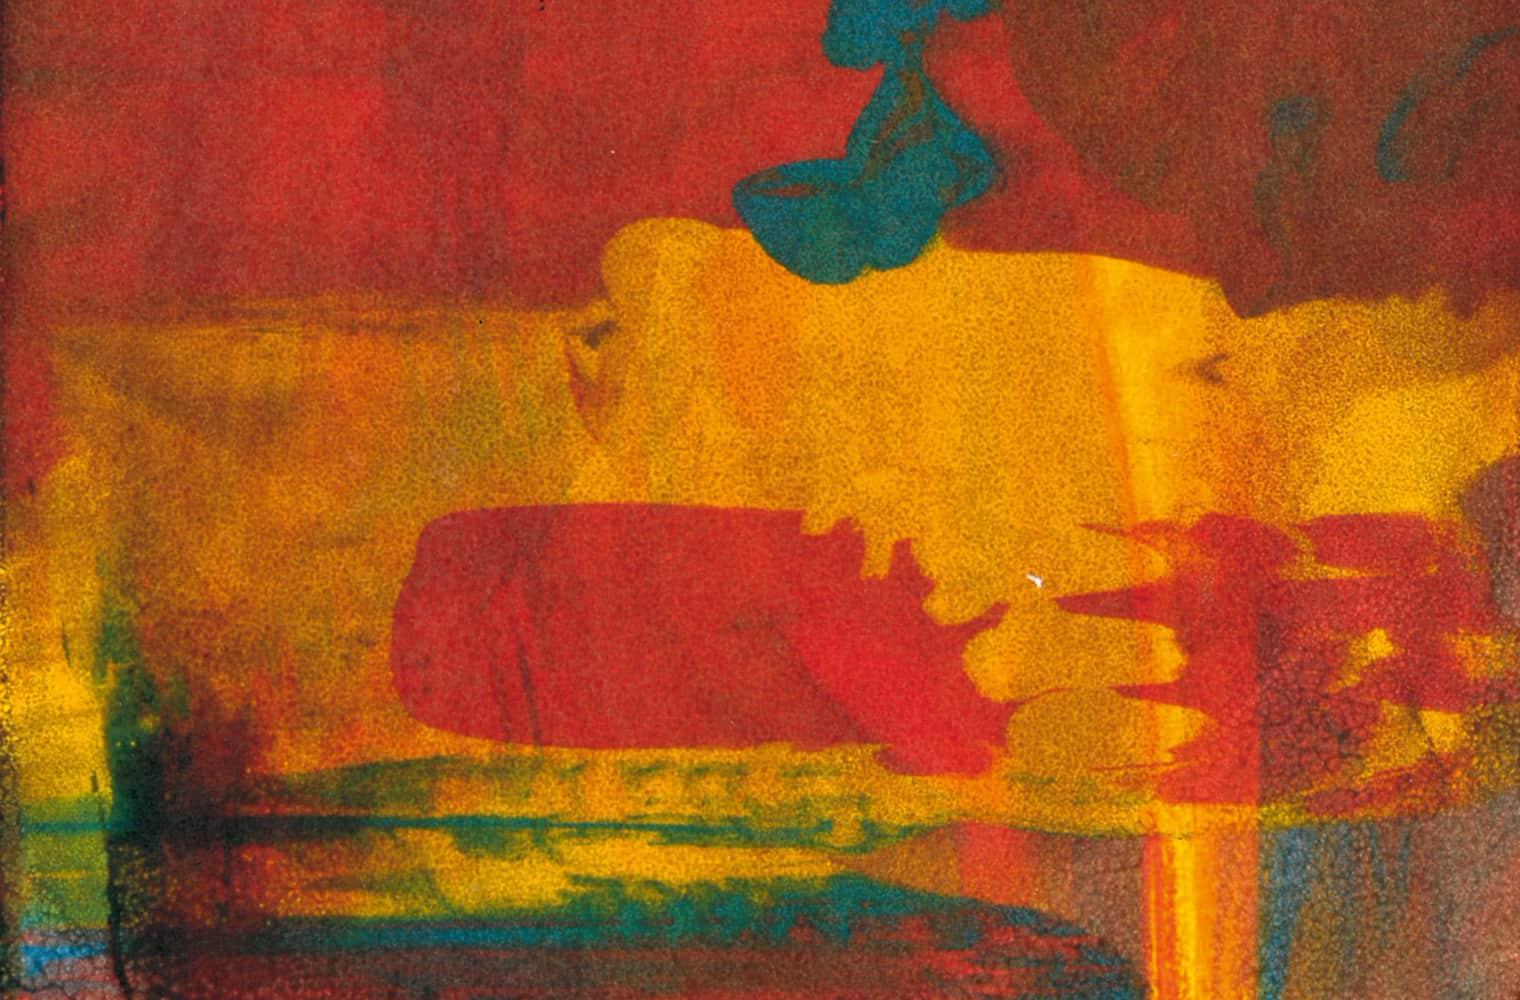 Abstraktes Malkunstwerk in mehreren Farben